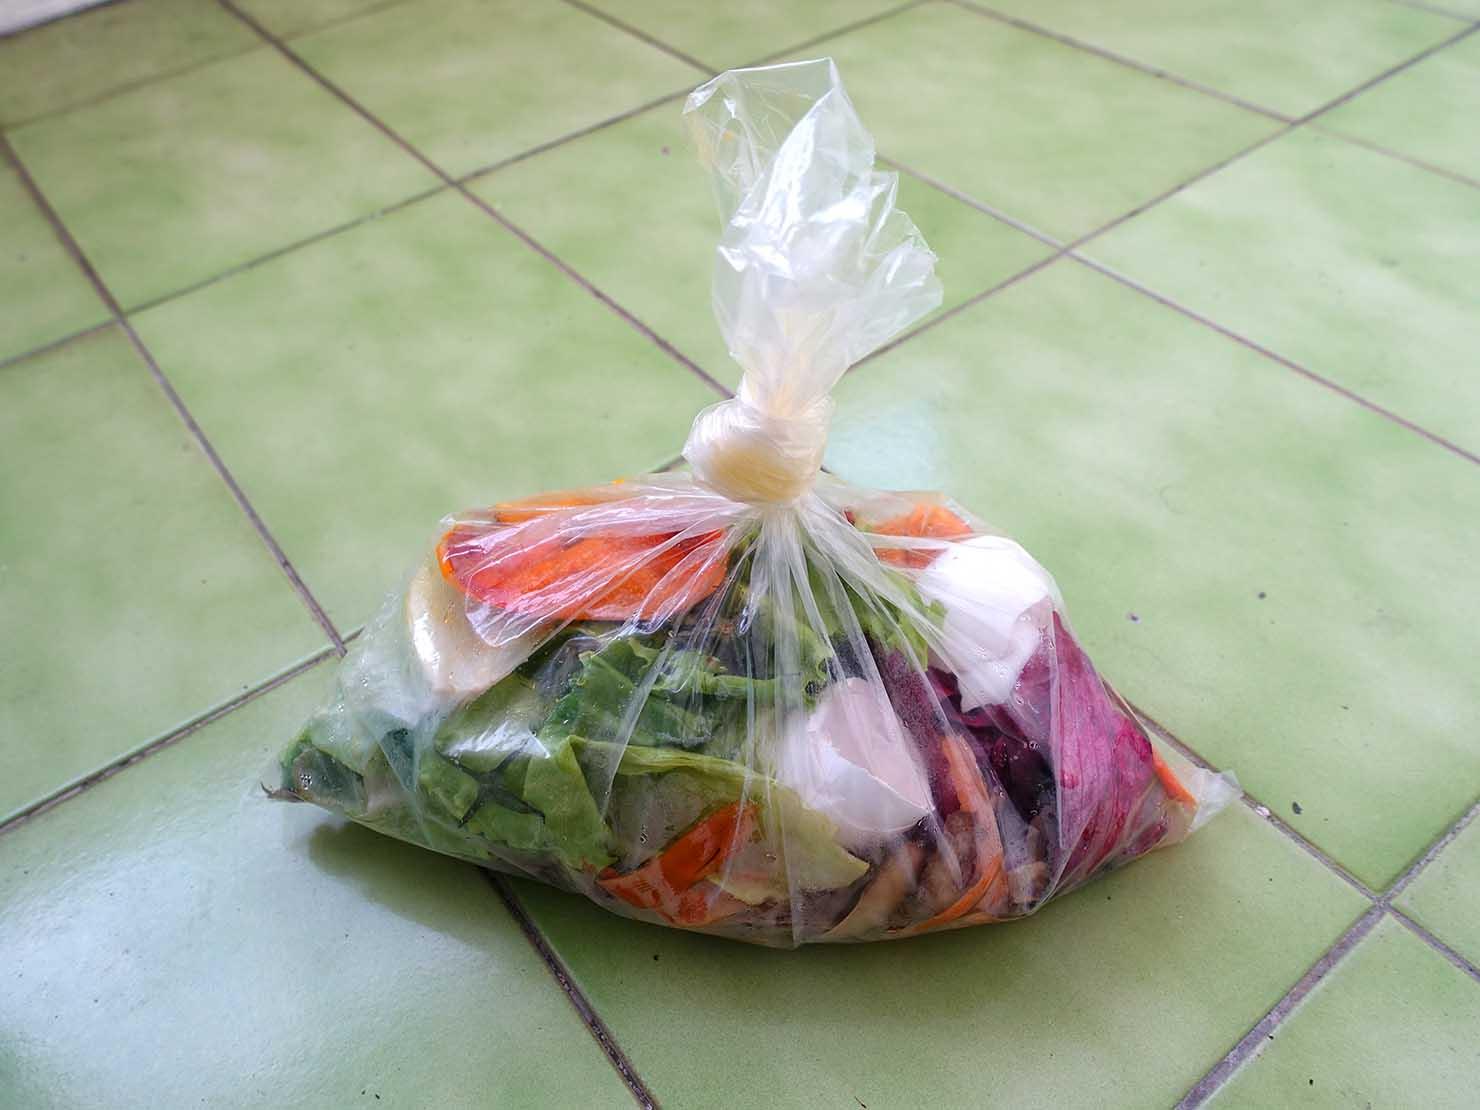 台湾での生ゴミの捨て方